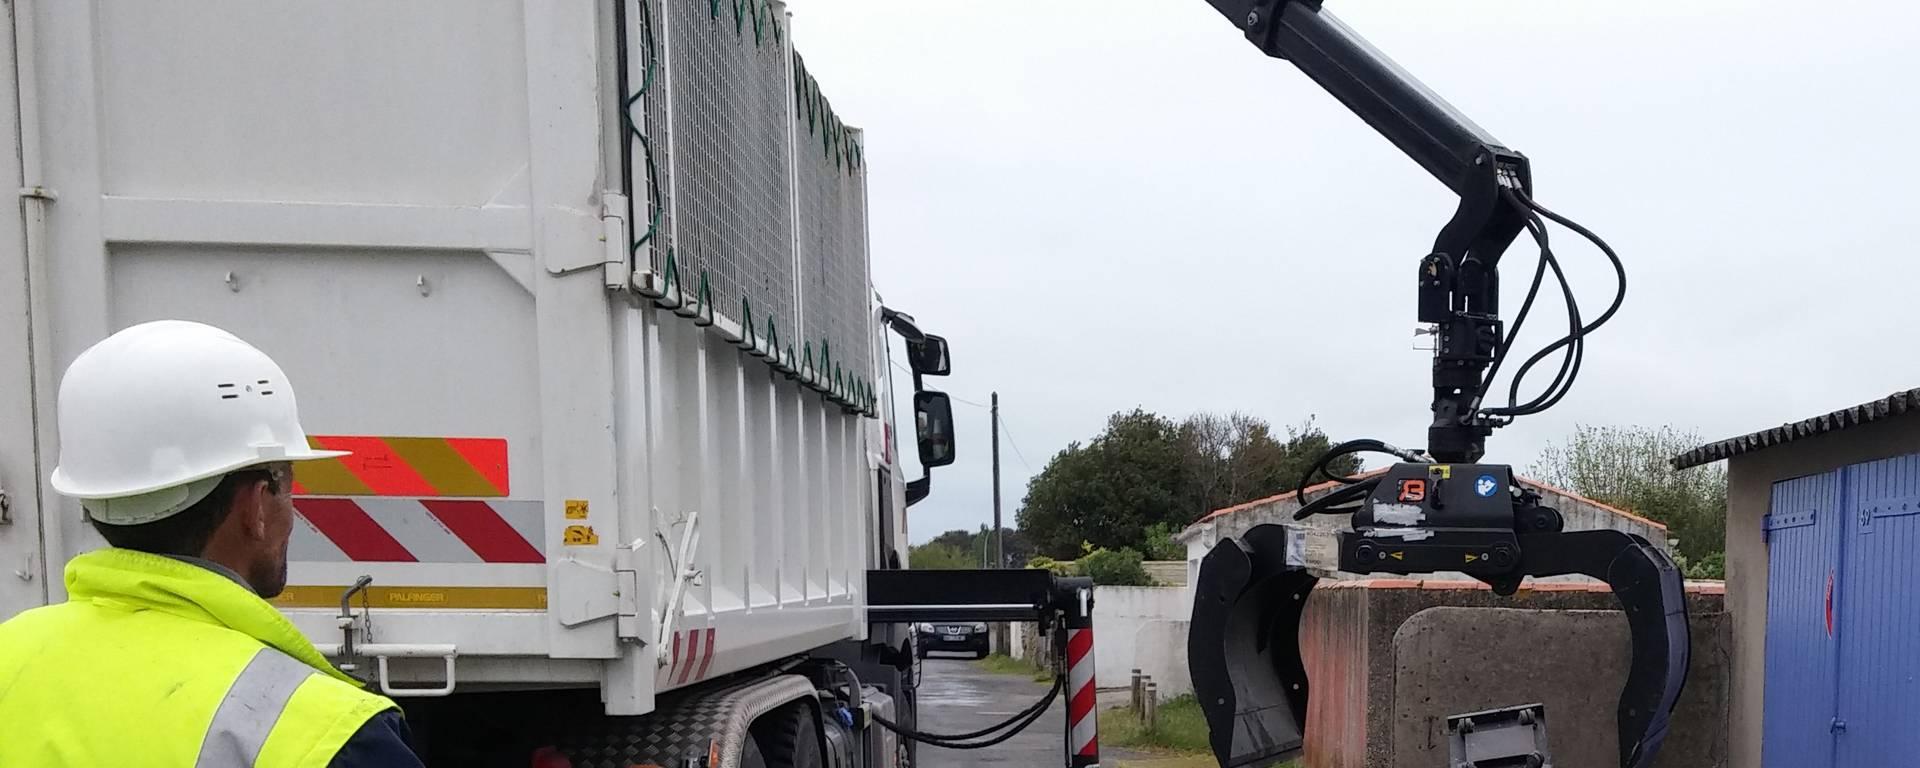 Collecte encombrants avec camion grue